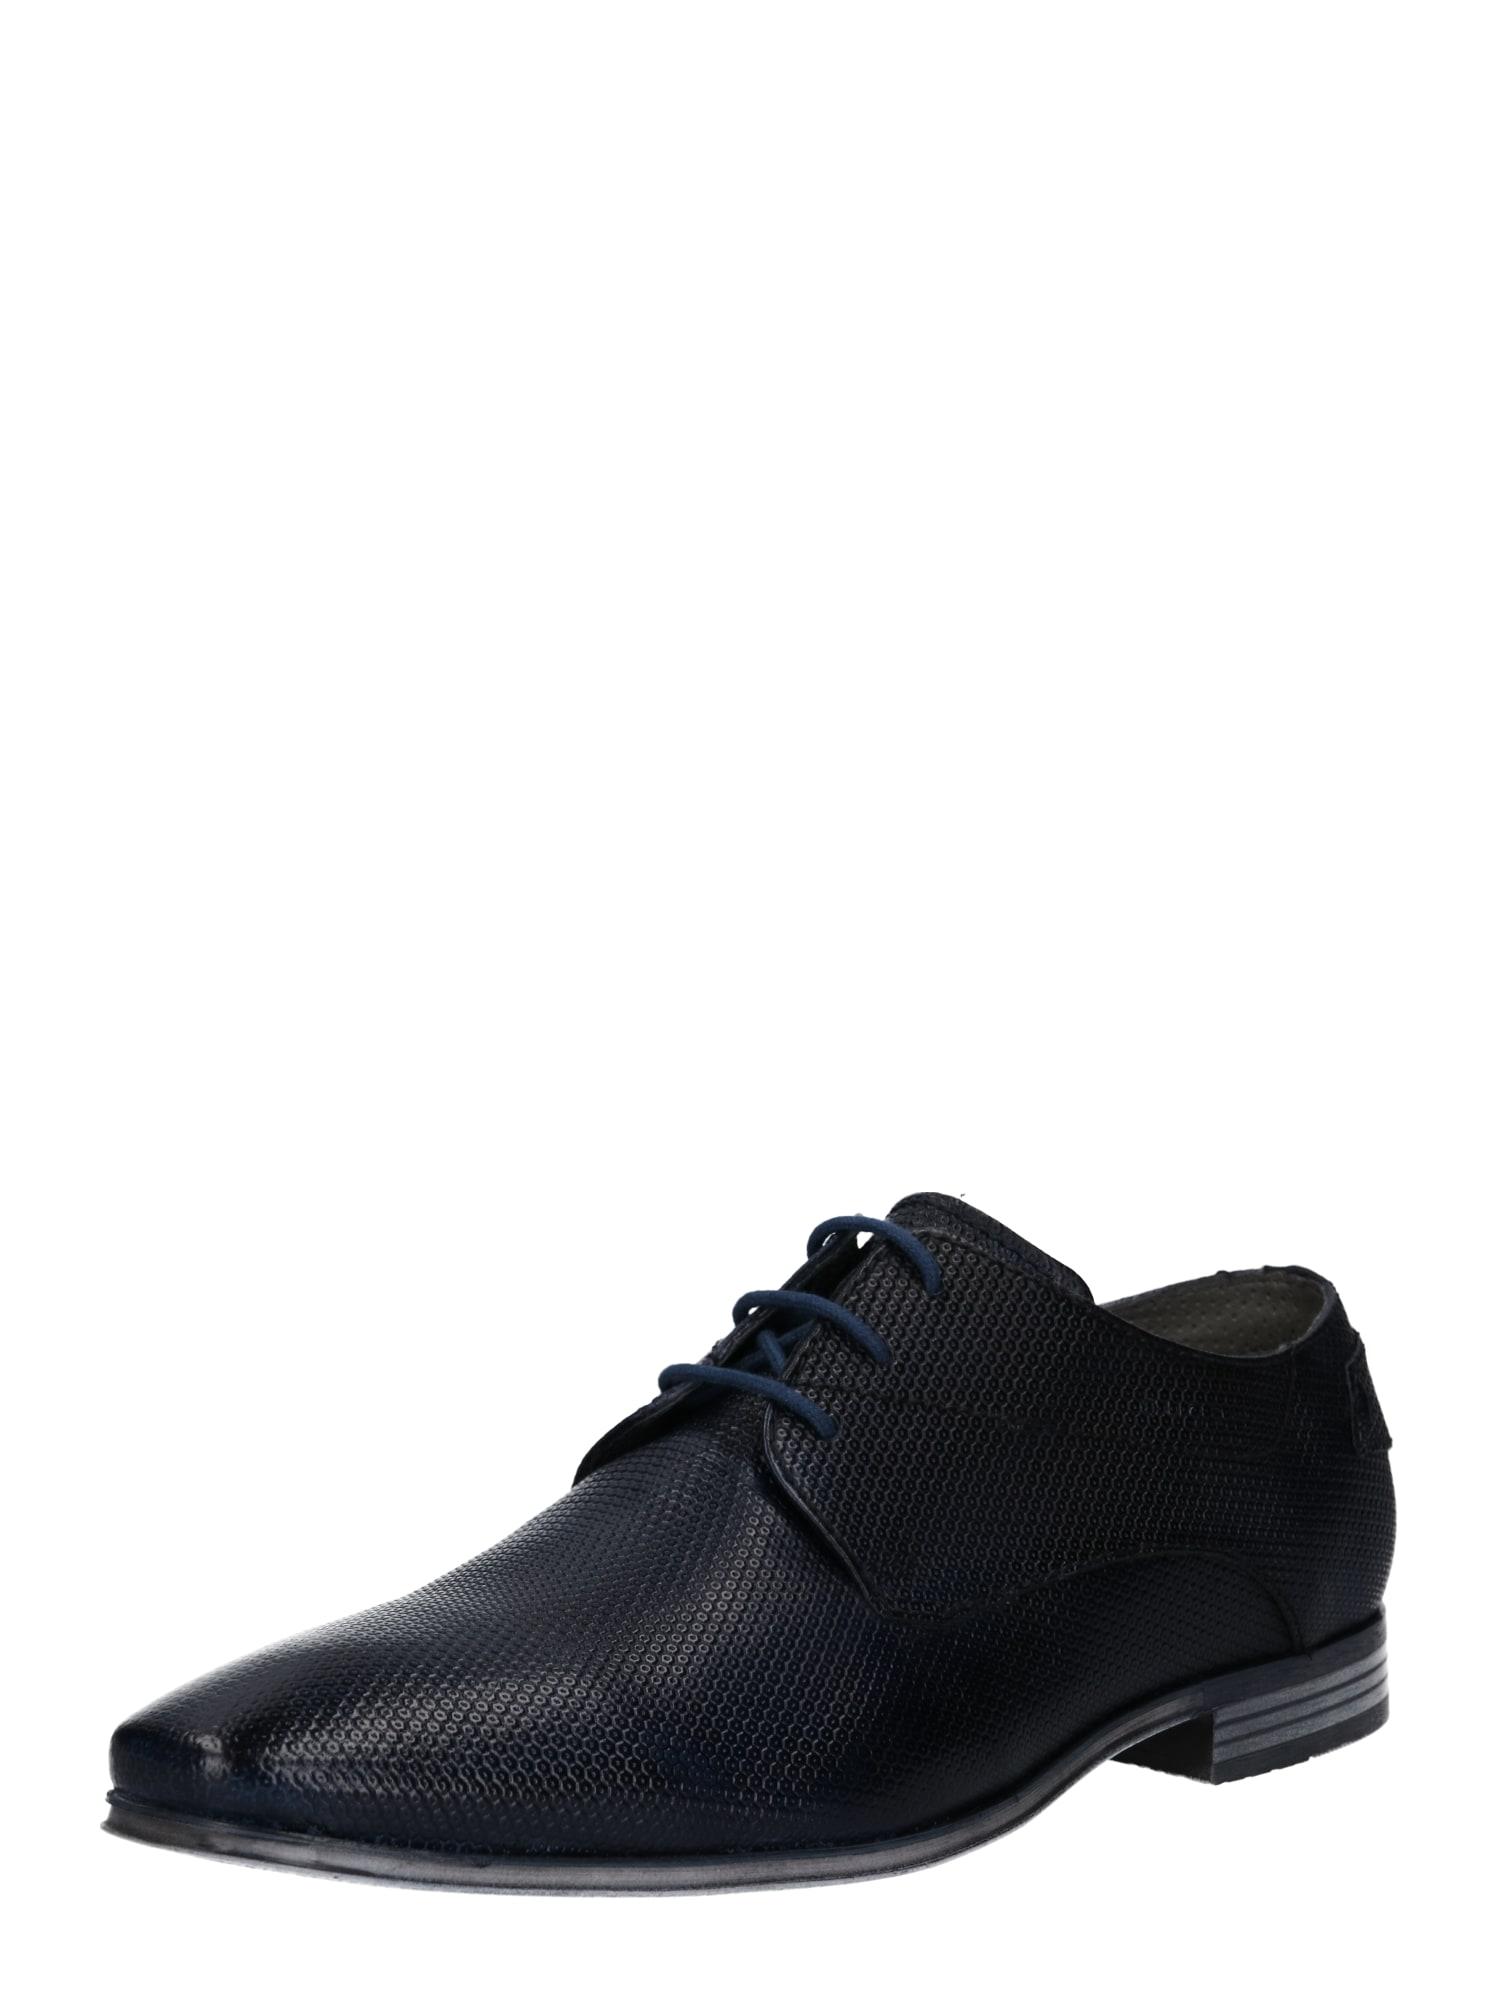 Šněrovací boty Morino noční modrá Bugatti